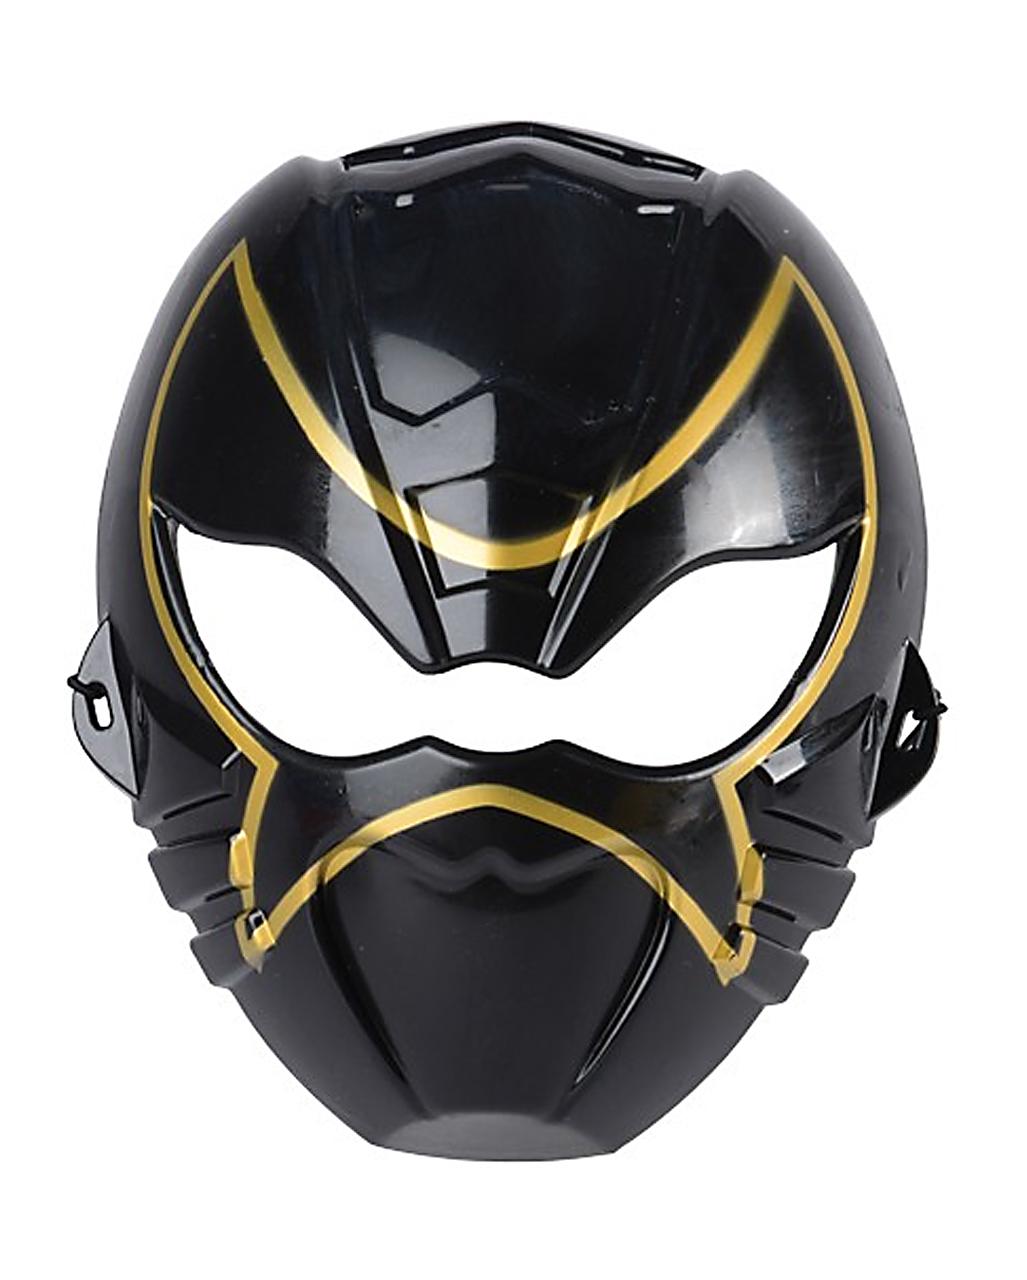 schwarze kinder ninja maske f r fasching karneval universe. Black Bedroom Furniture Sets. Home Design Ideas